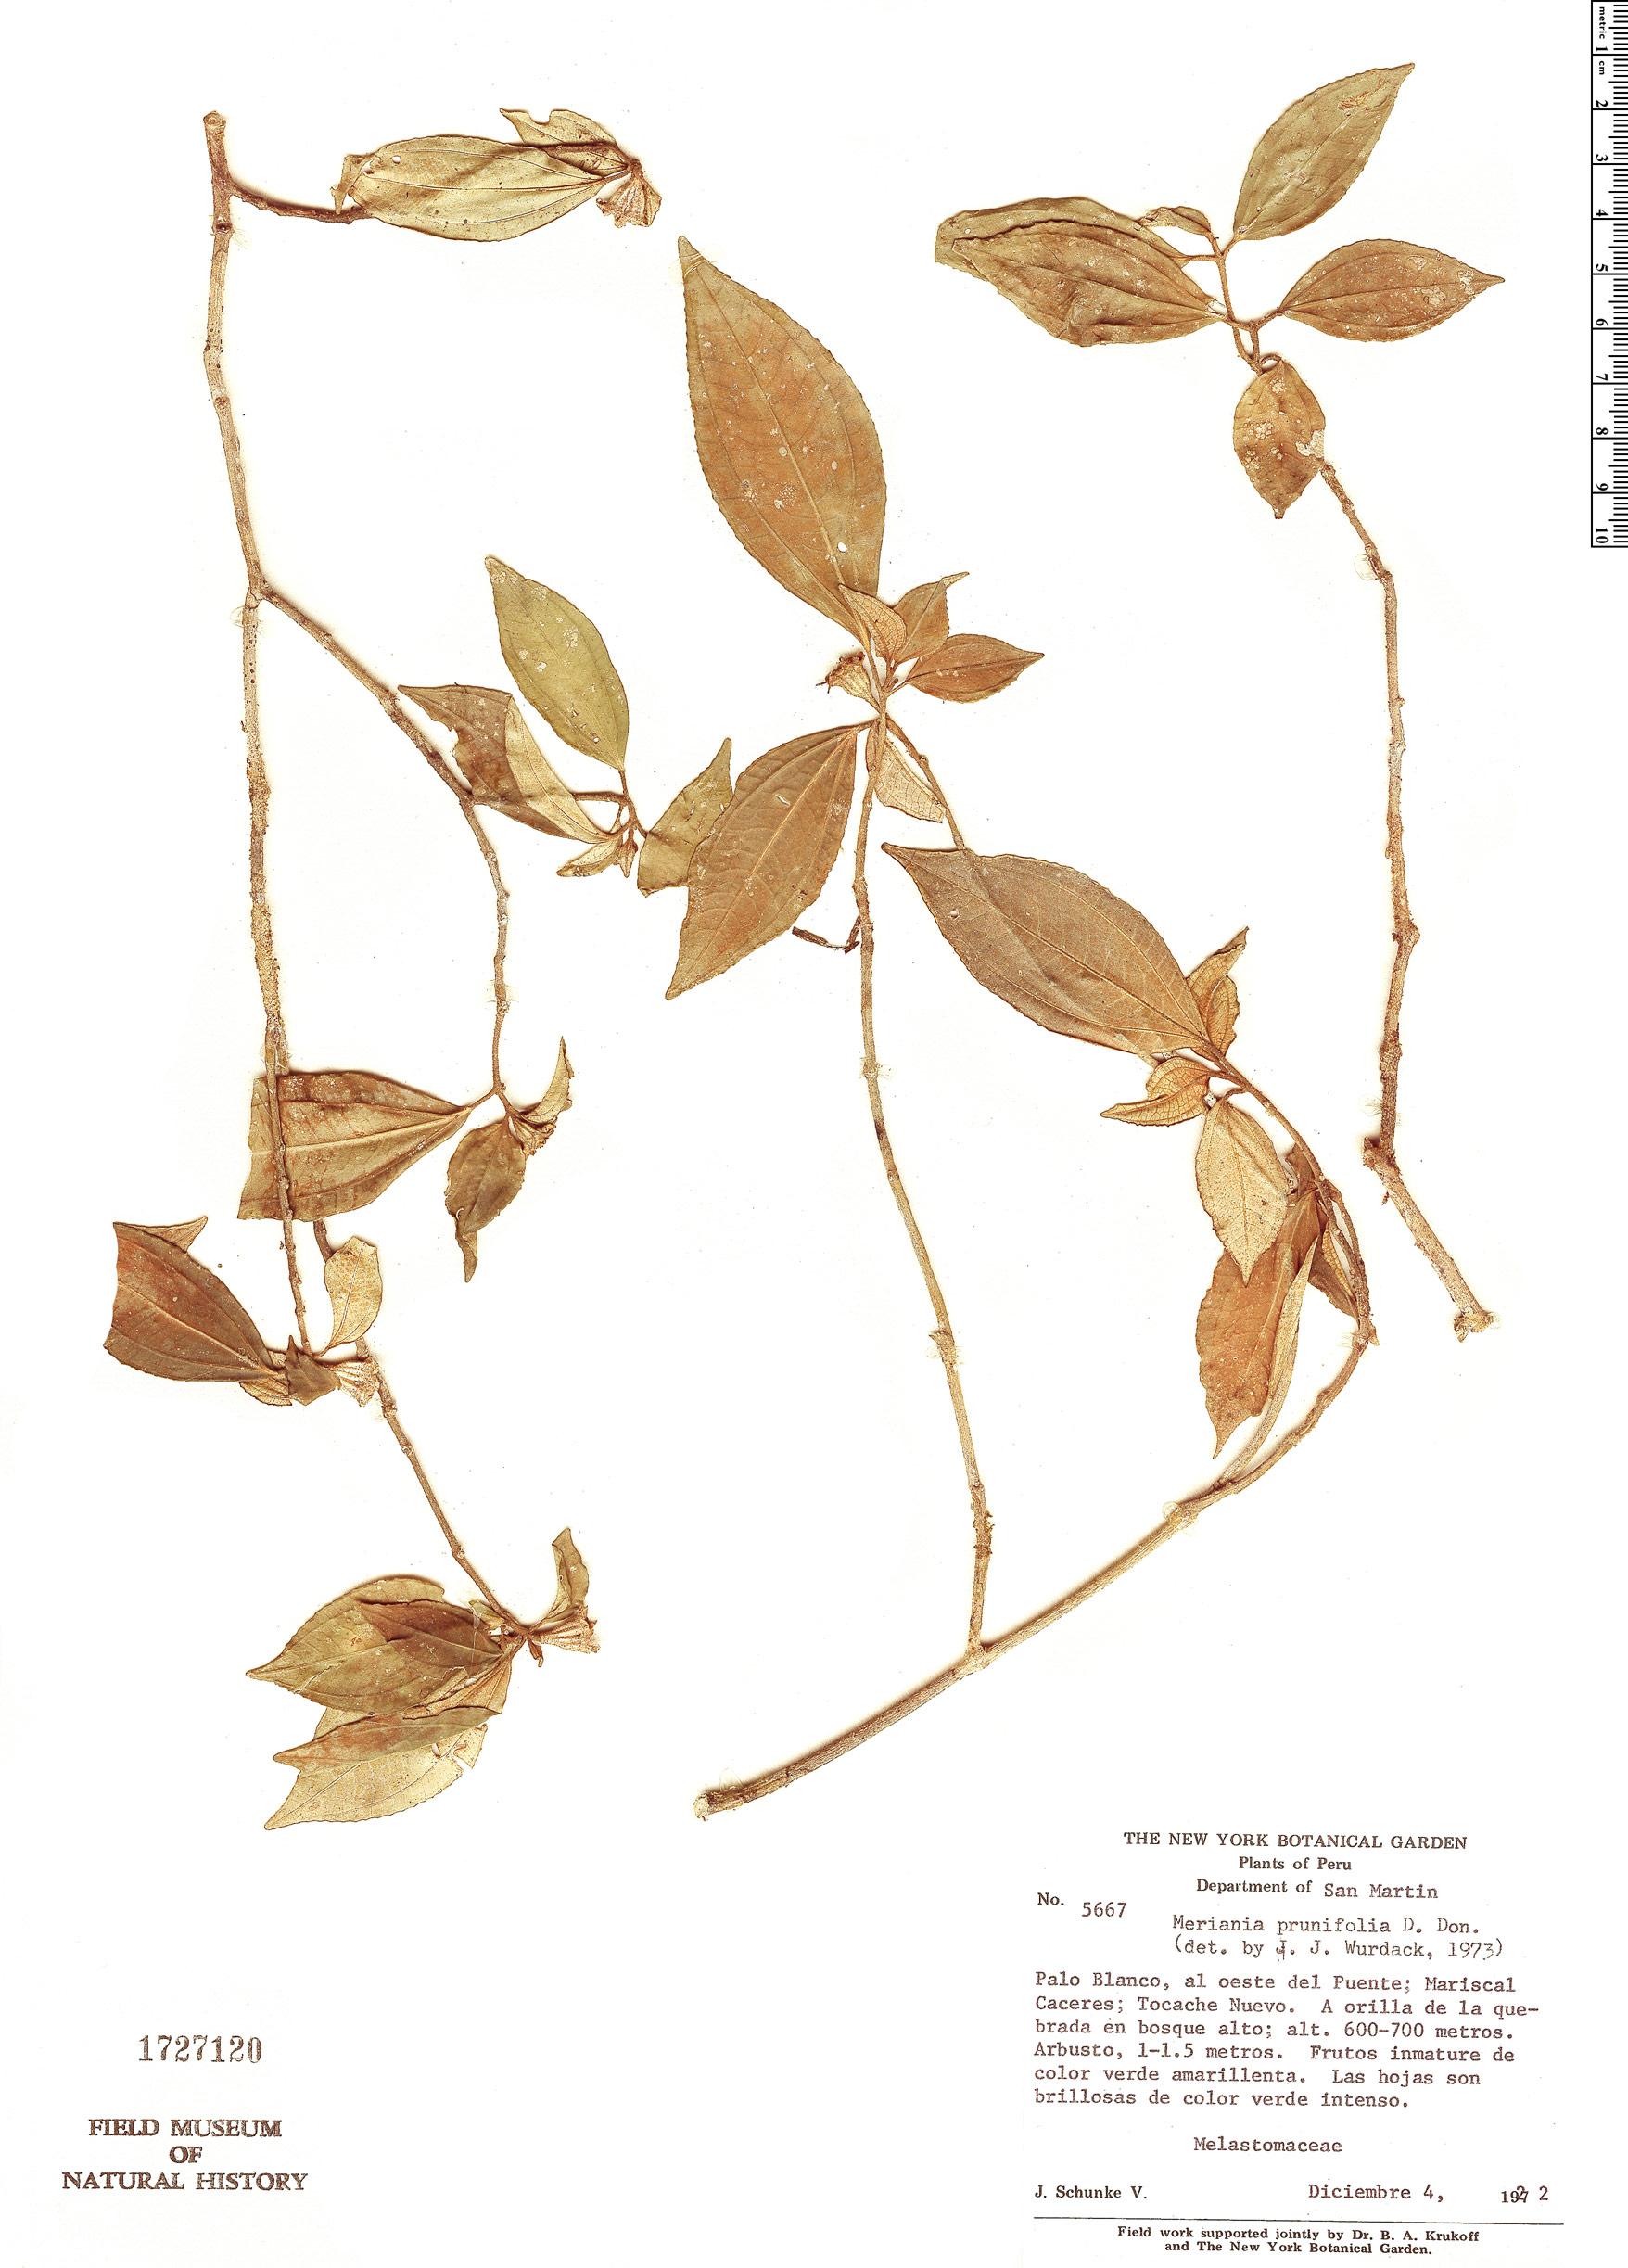 Specimen: Meriania prunifolia